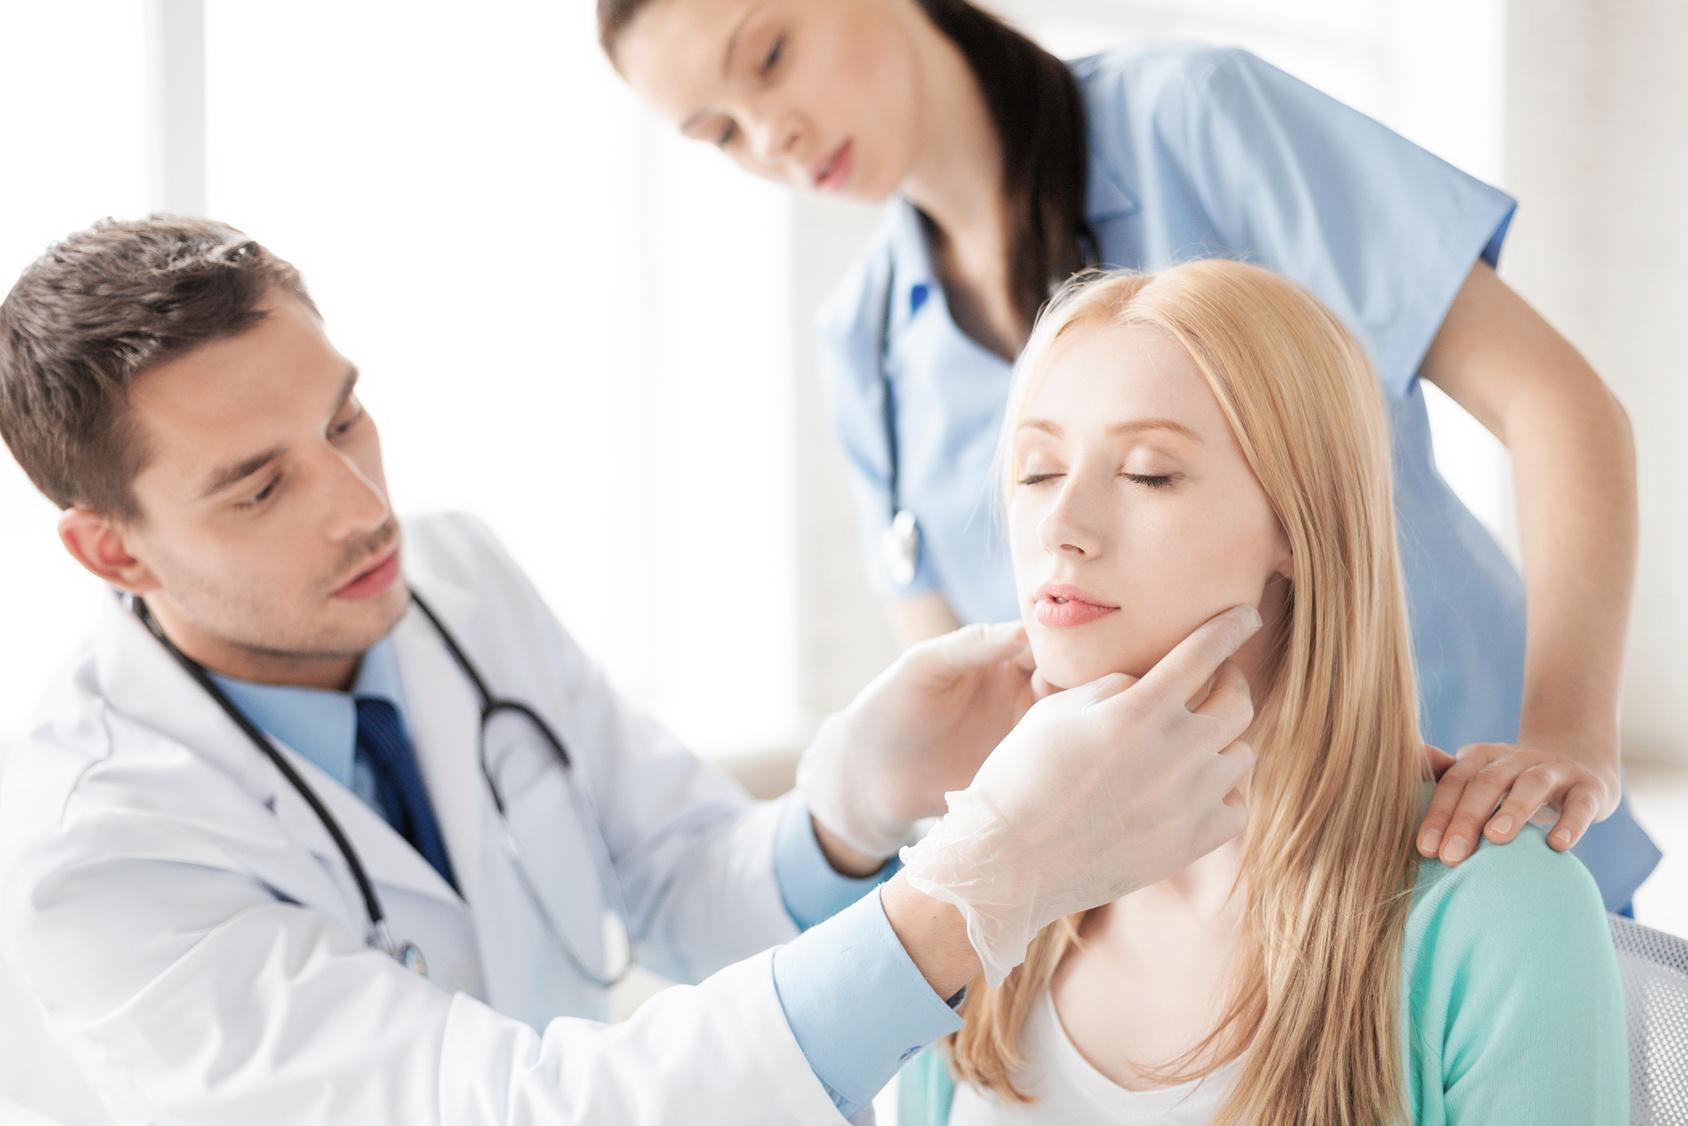 Medicina rigenerativa: il grasso autologo come filler viso